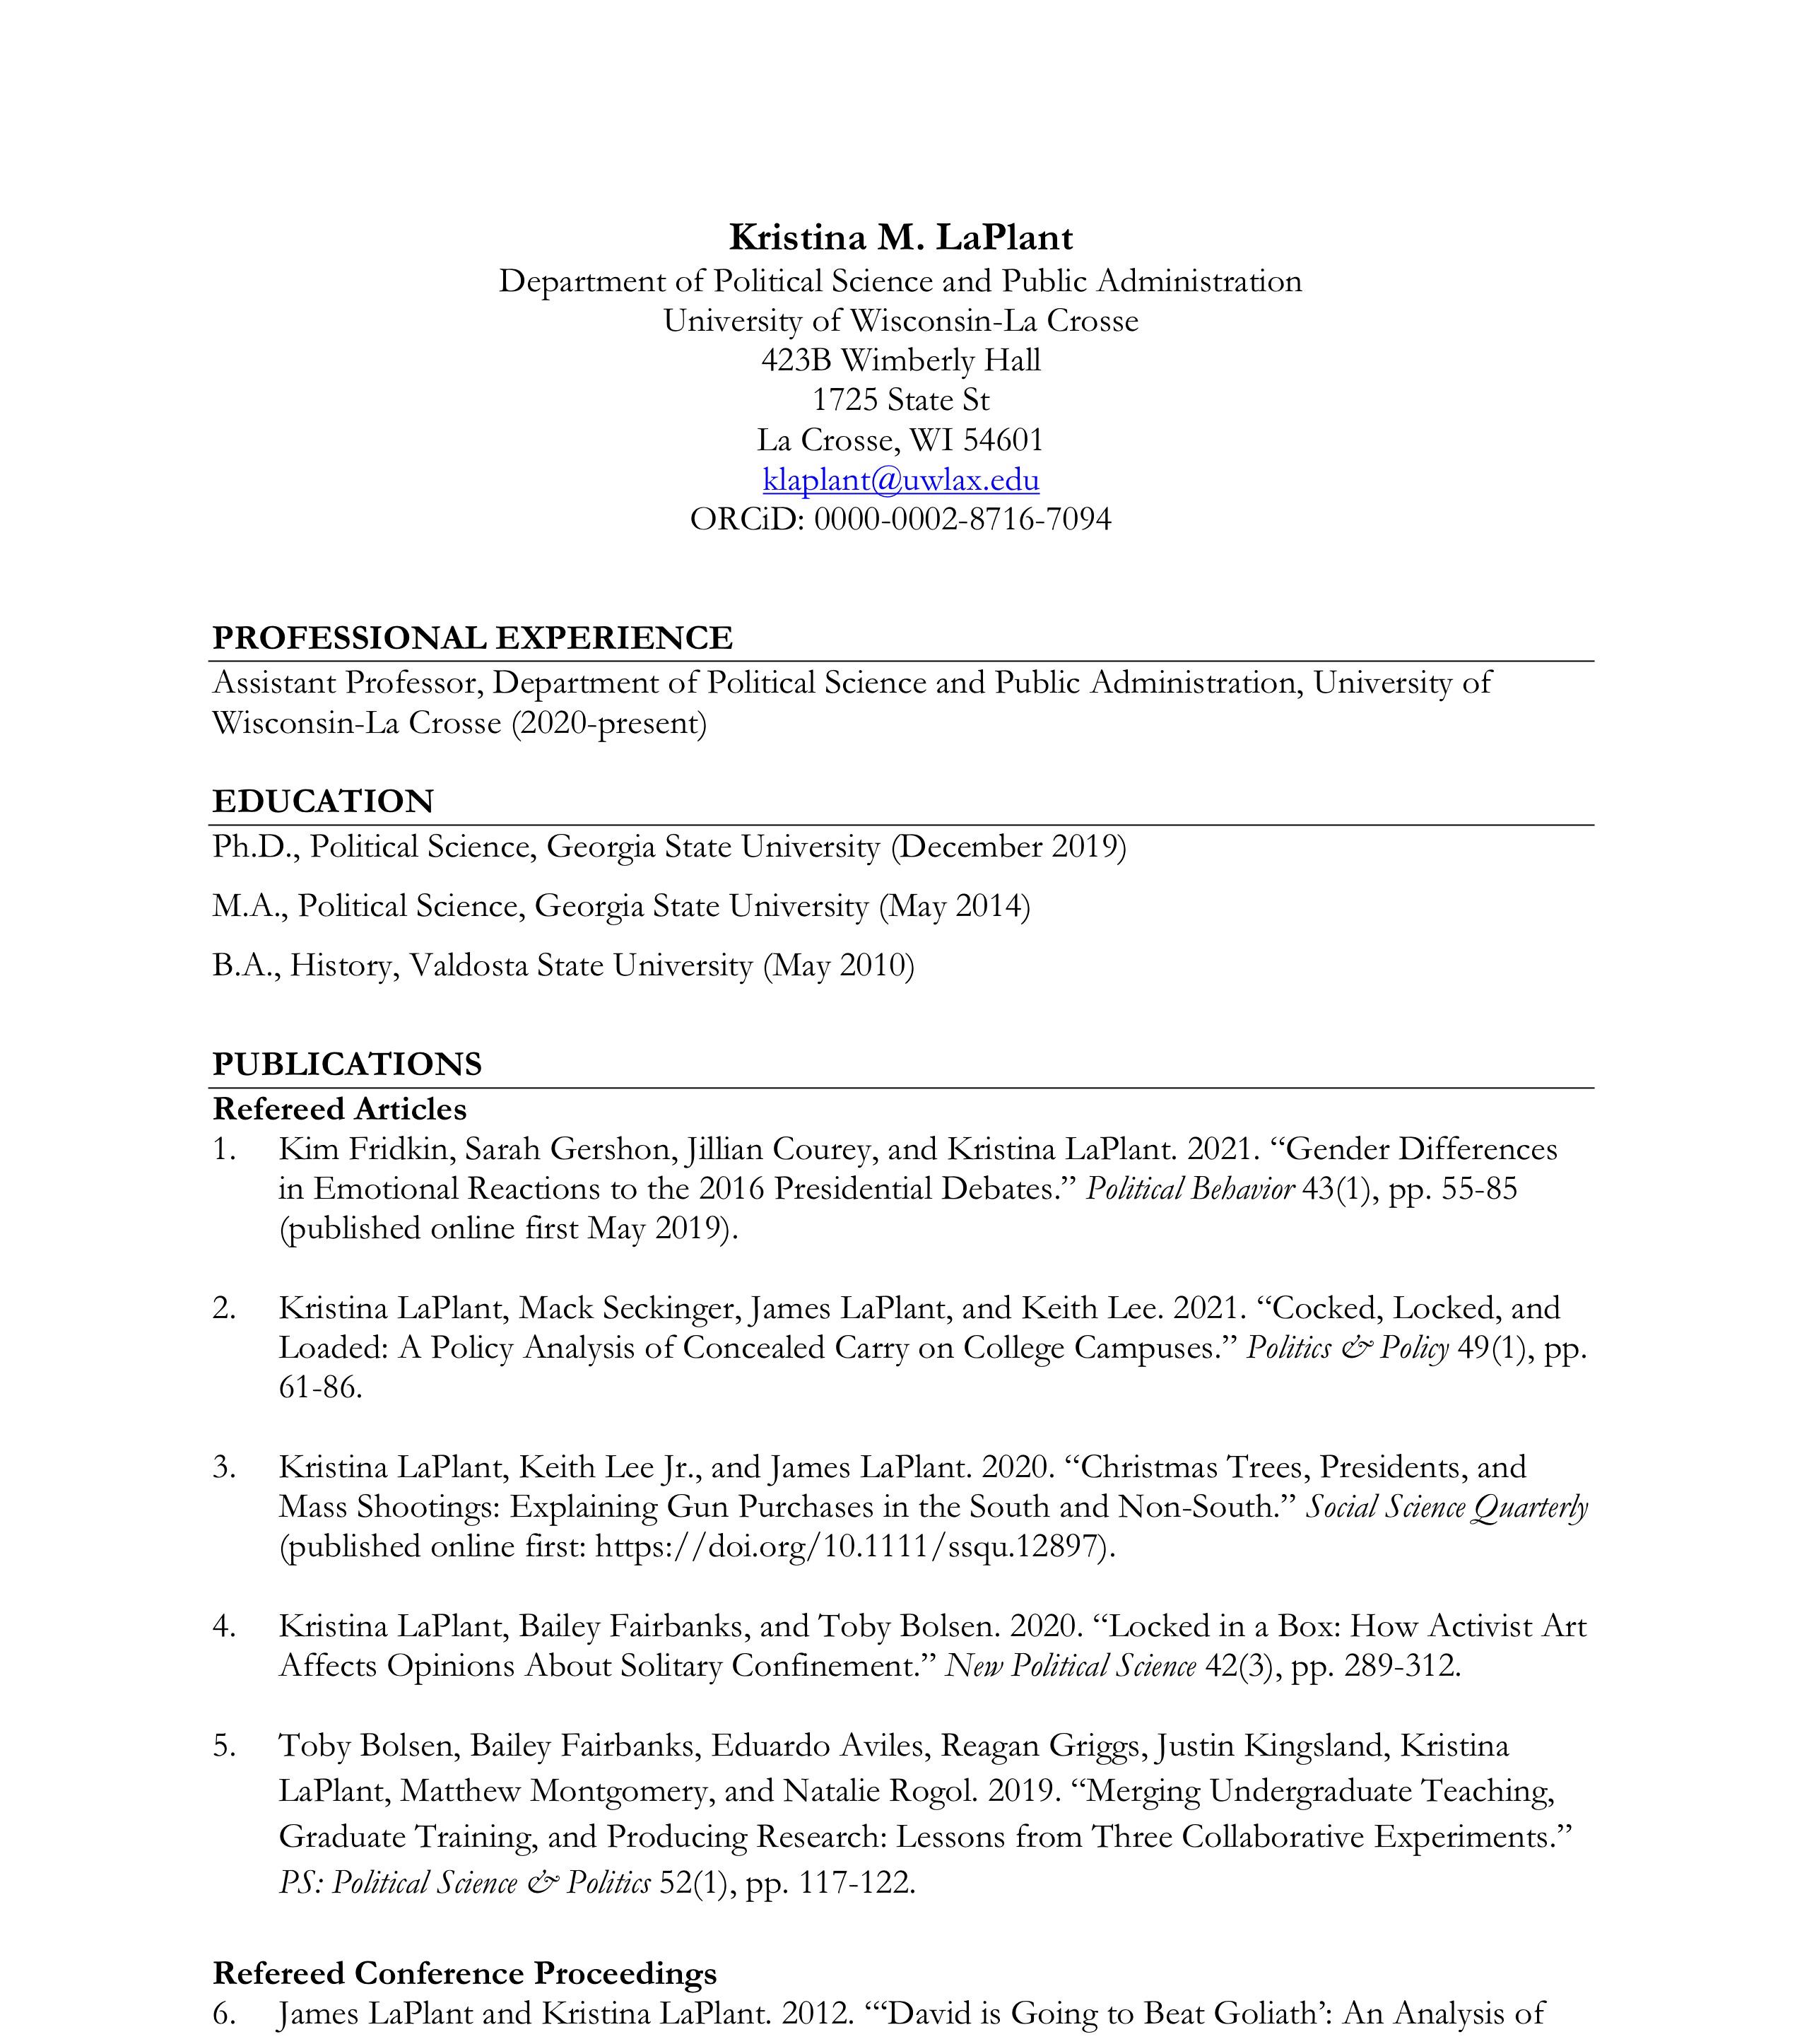 laplant-cv-2021-1